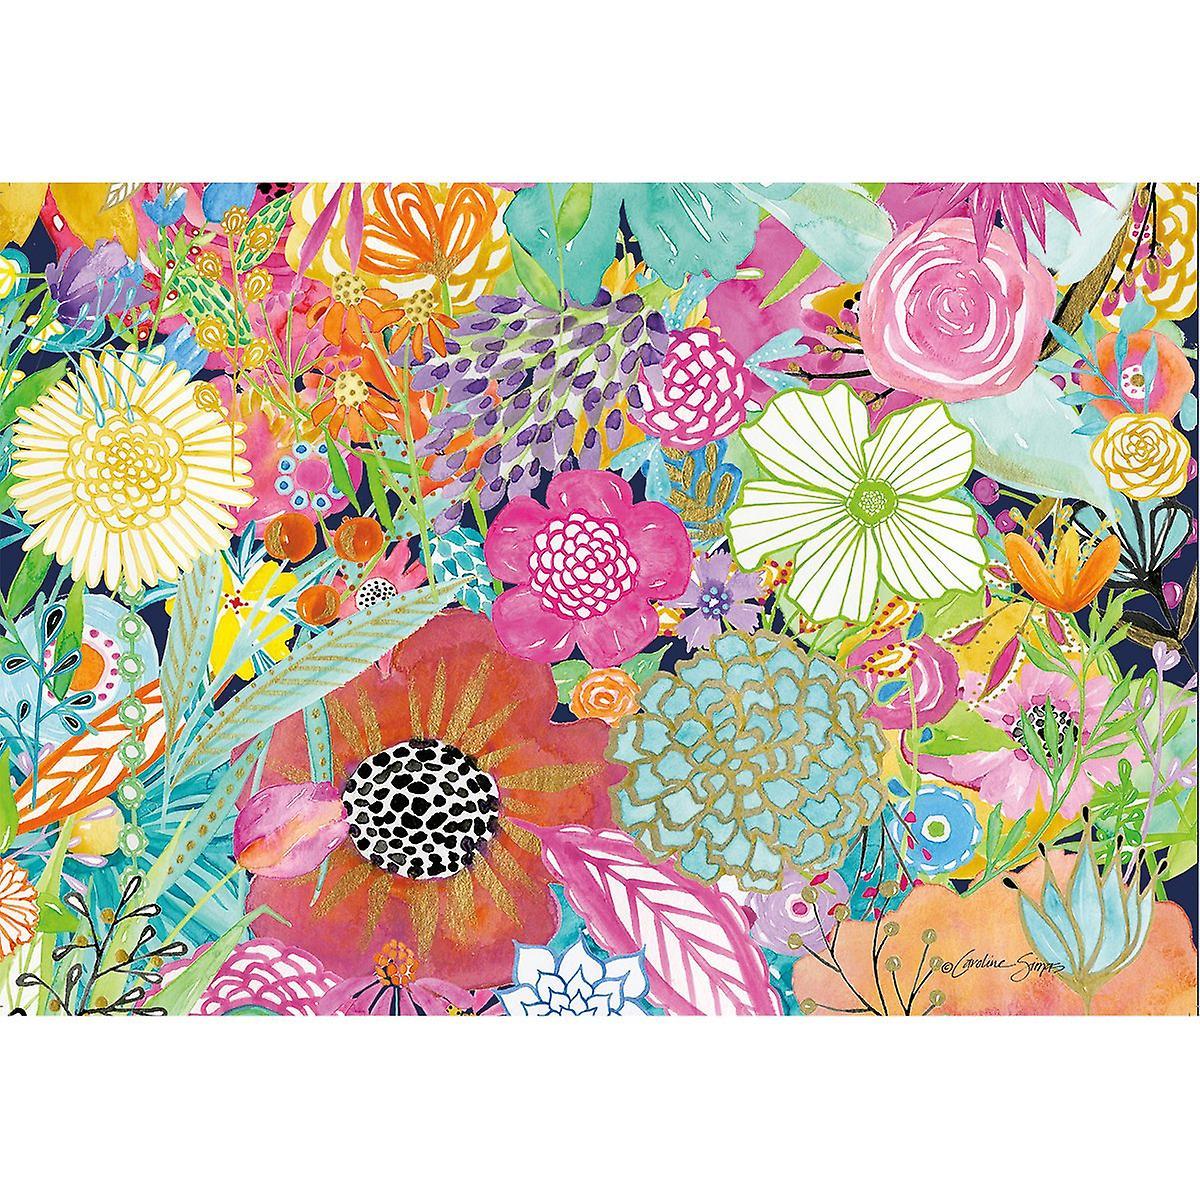 Jigsaw Puzzle 1000 Pieces 29 & 034;X 20 -jardin fleurs sauvages